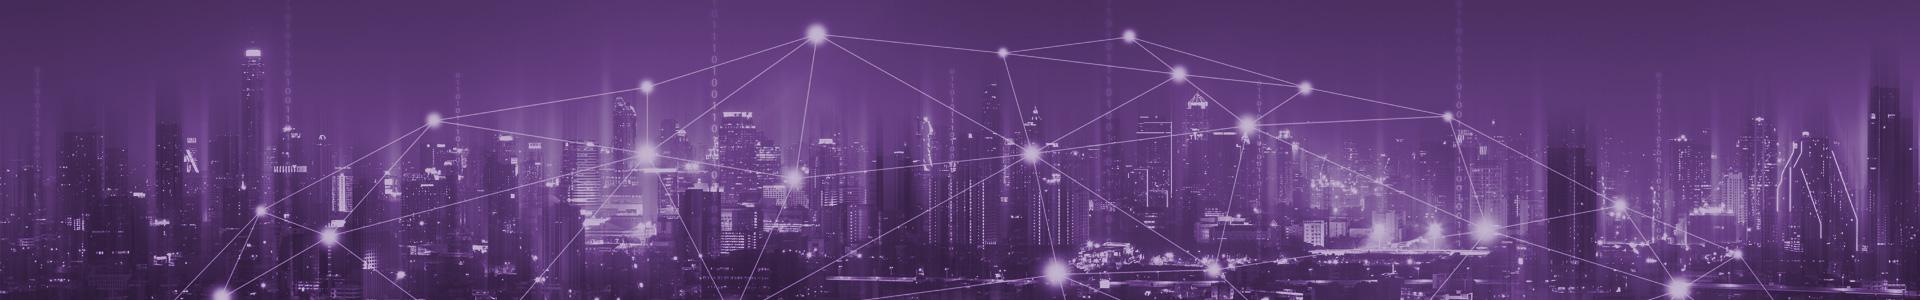 Lichter einer Stadt und Vernetzung